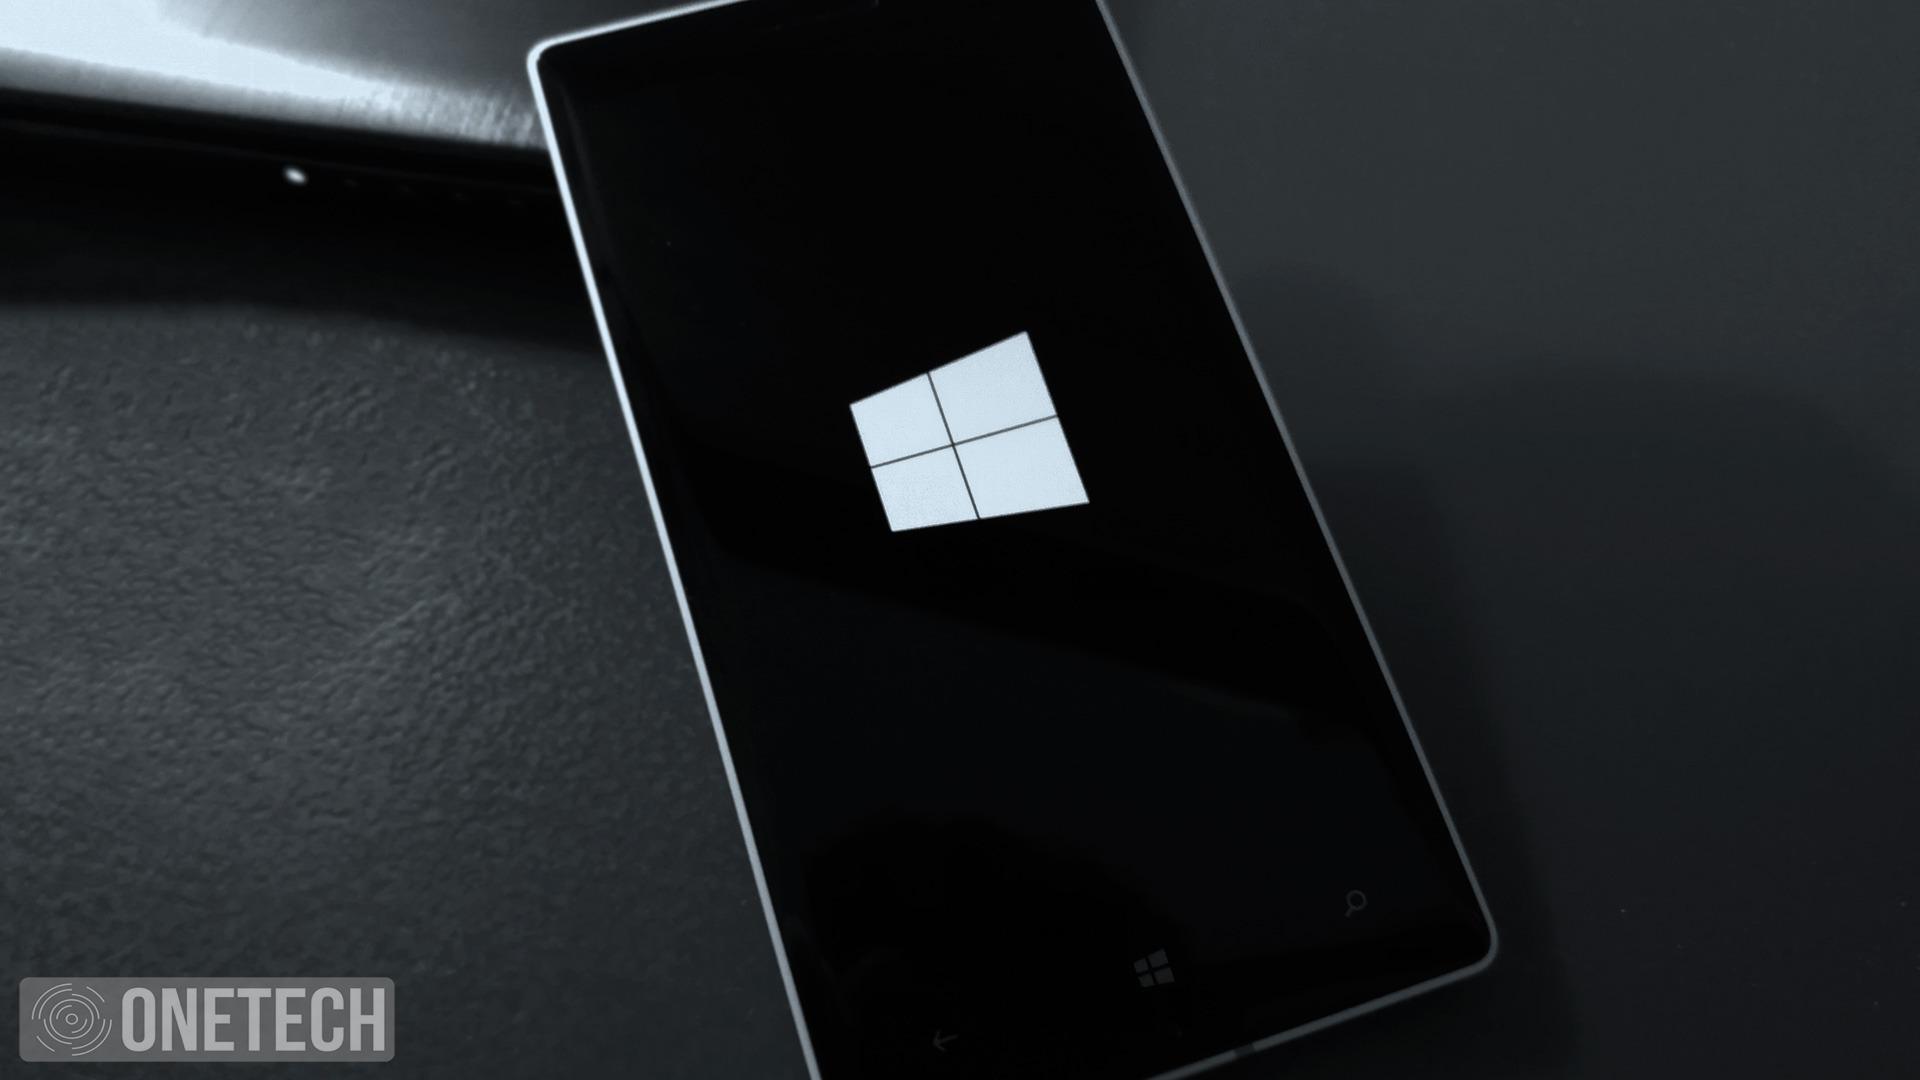 Oficialmente Windows 10 Mobile no recibirá más funcionalidades 1